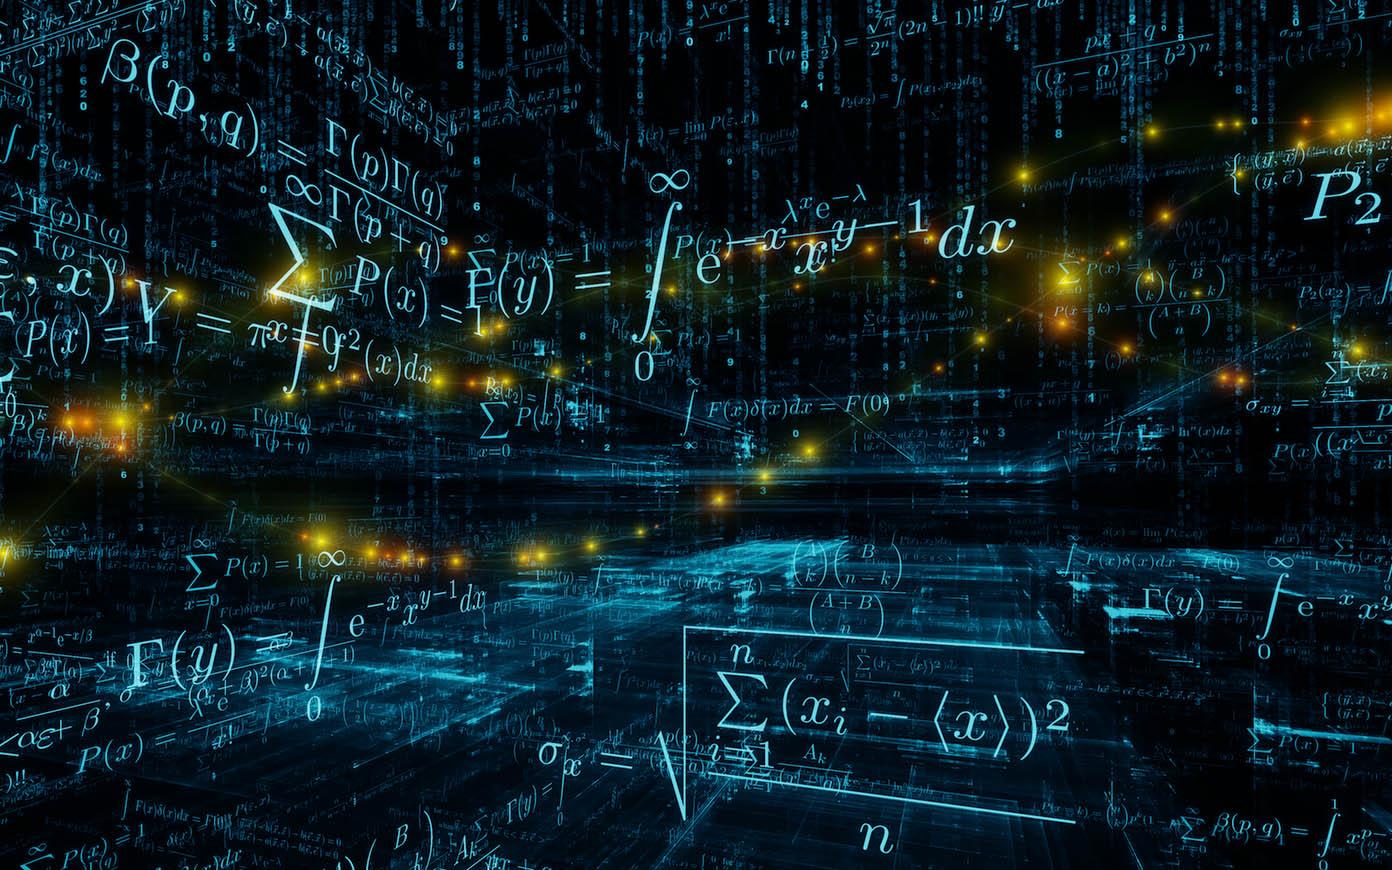 metodi_matematici_delleconomia_e_delle_scienze_attuariali_e_finanziarie_per_scienze_del_turismo_1530012808.png